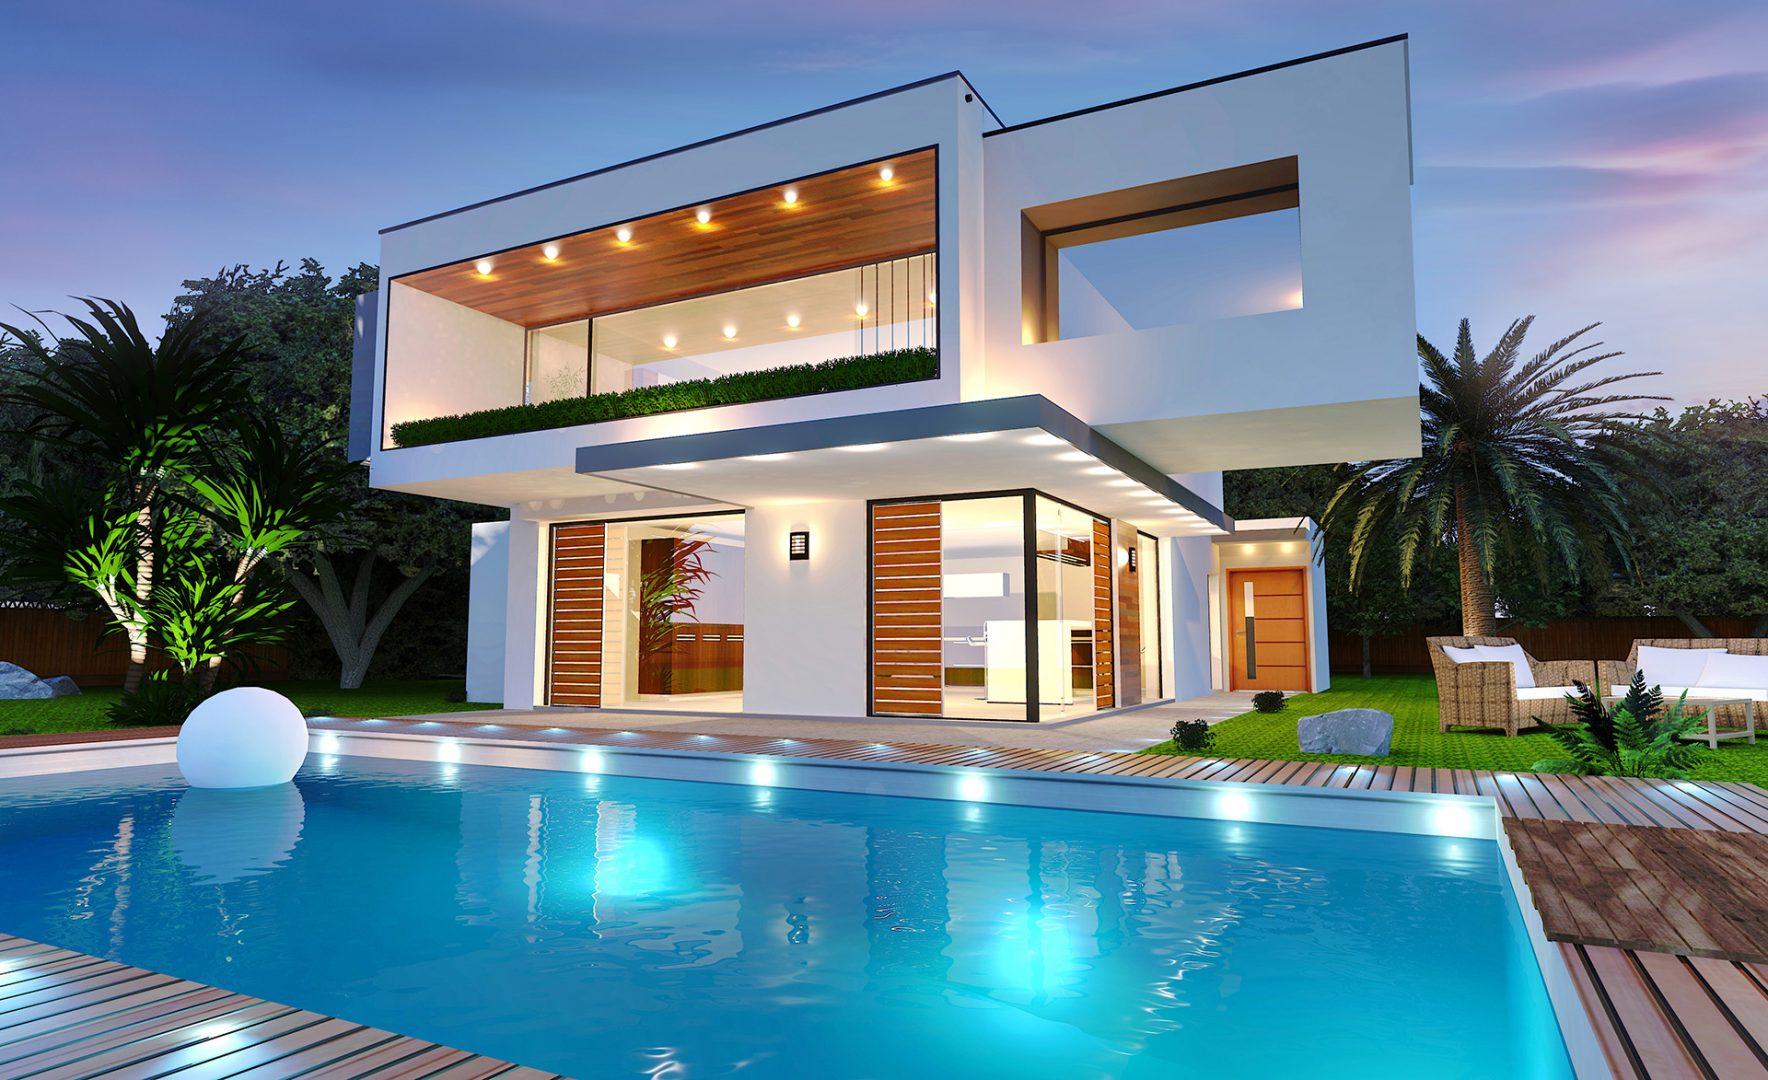 casa moderna com piscina e iluminação